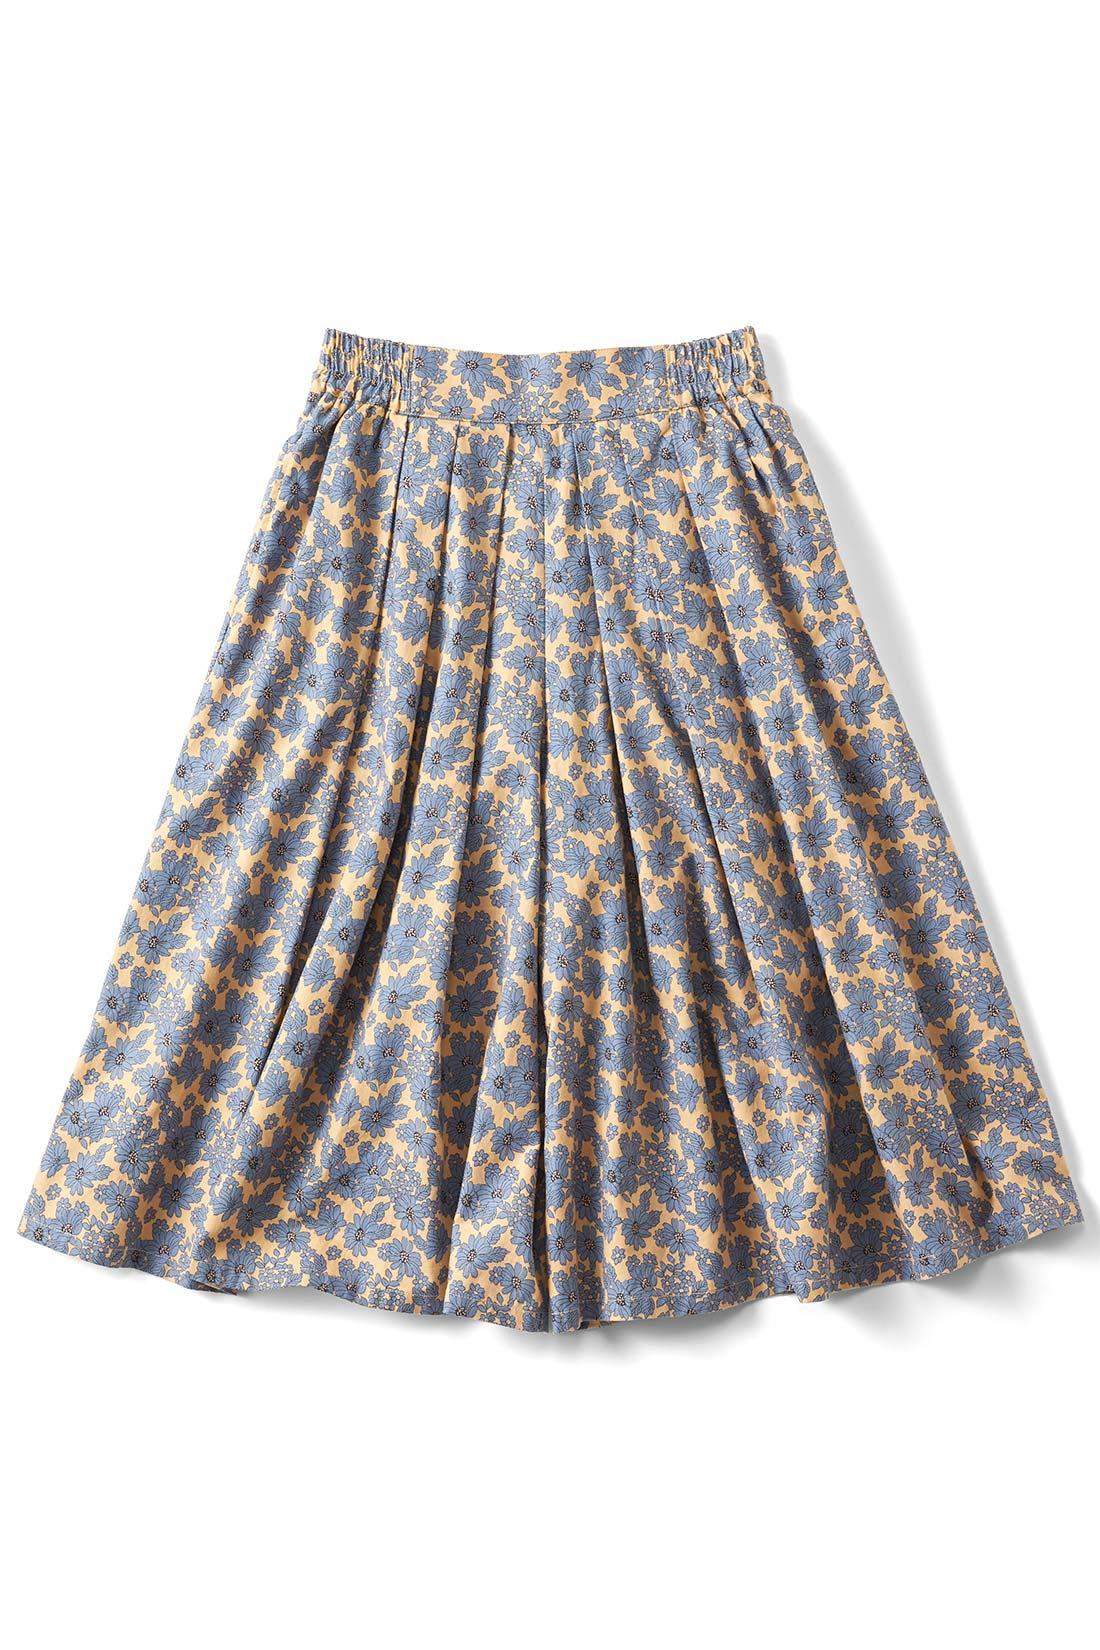 [アンティークフラワー]両サイドには便利なポケットが。スカートみたいなシルエットでしょ。